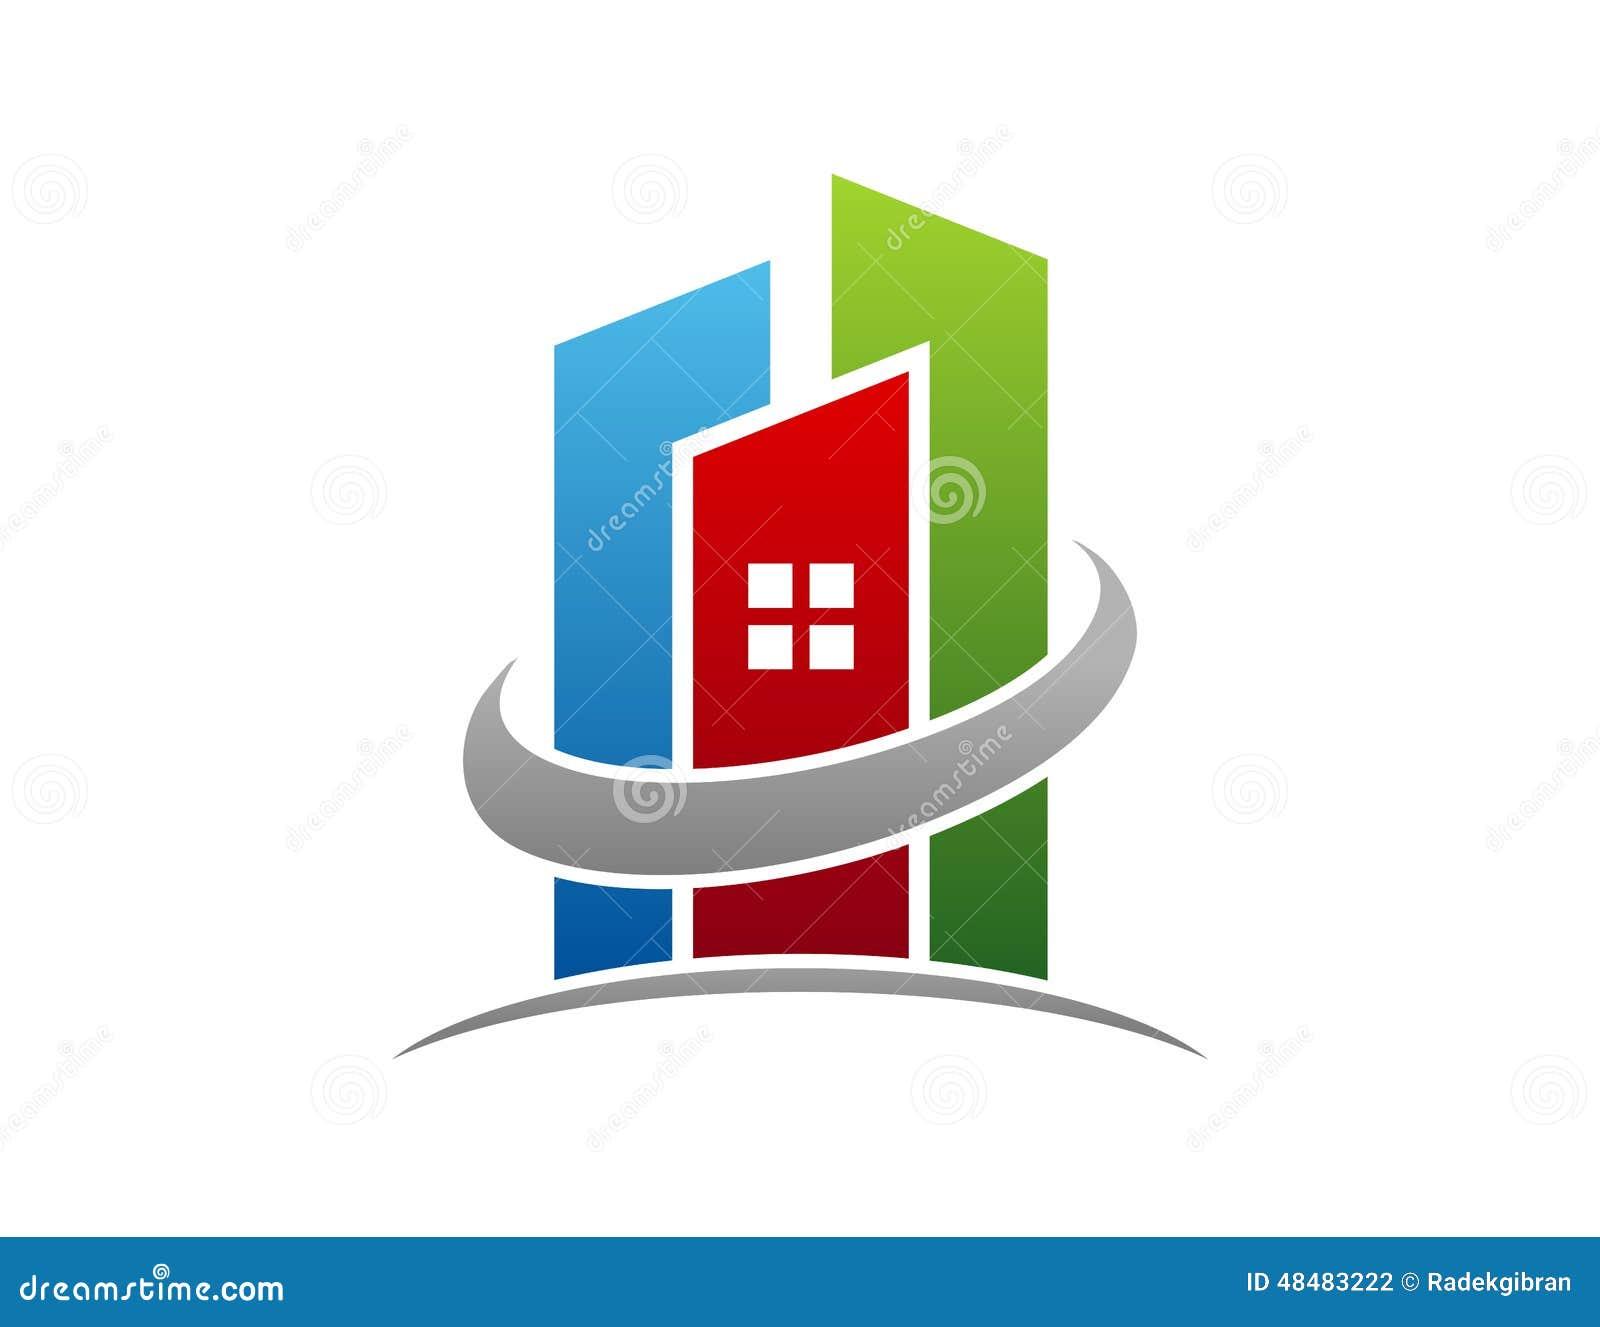 Logotipo de las propiedades inmobiliarias, icono del símbolo del apartamento del edificio del círculo